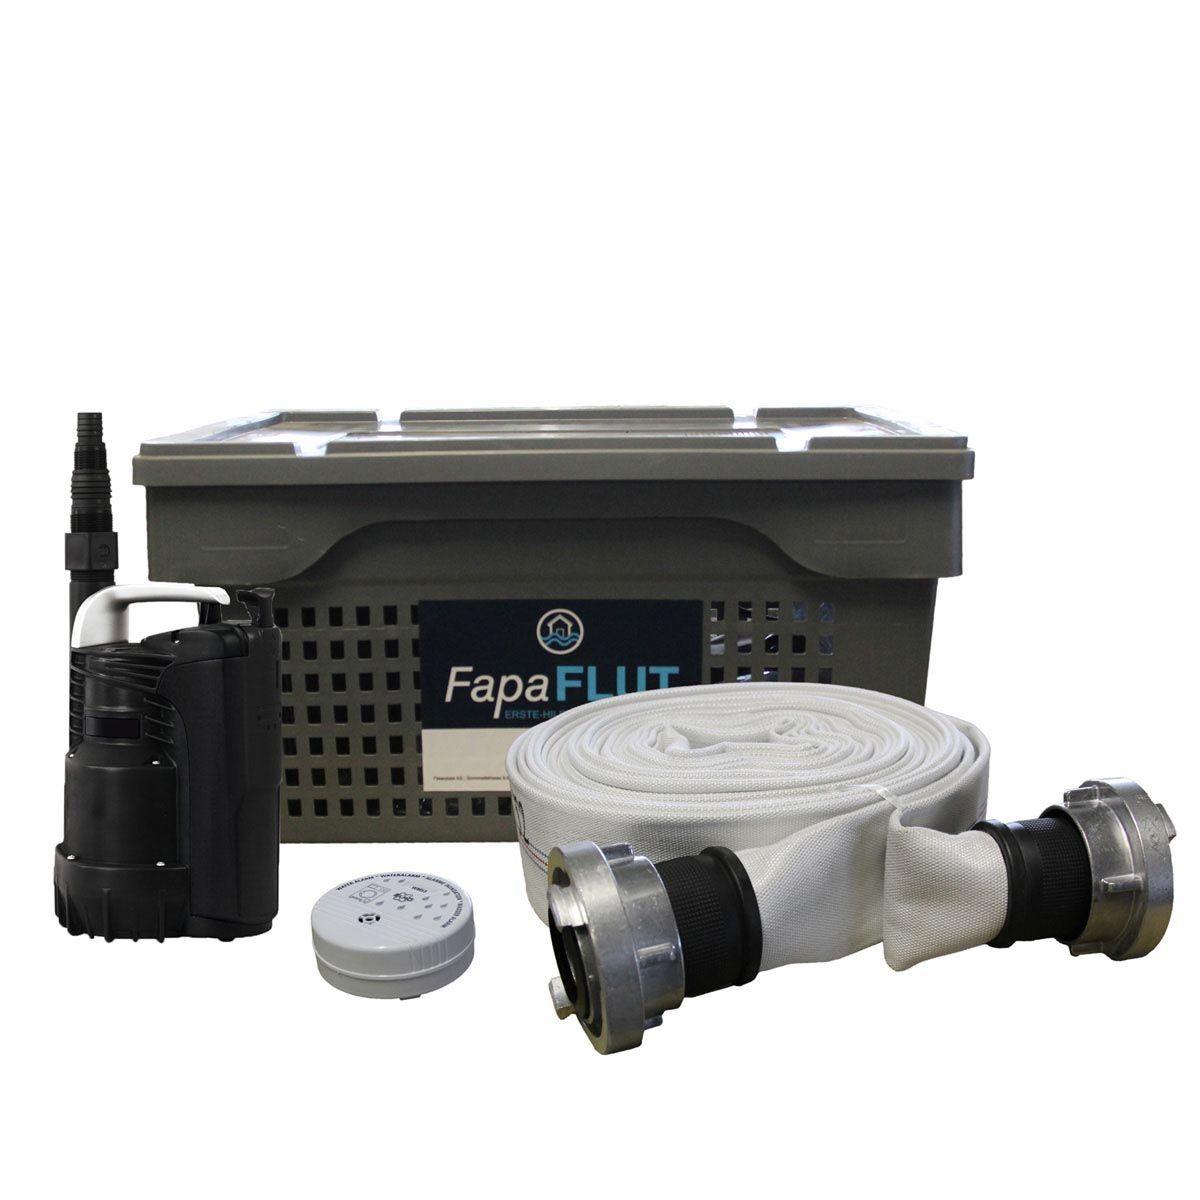 FapaFLUT, H max. 9m, Qmax. 11700l/h, 0,6kW, 600 x 400 x 300 mm, 15 m